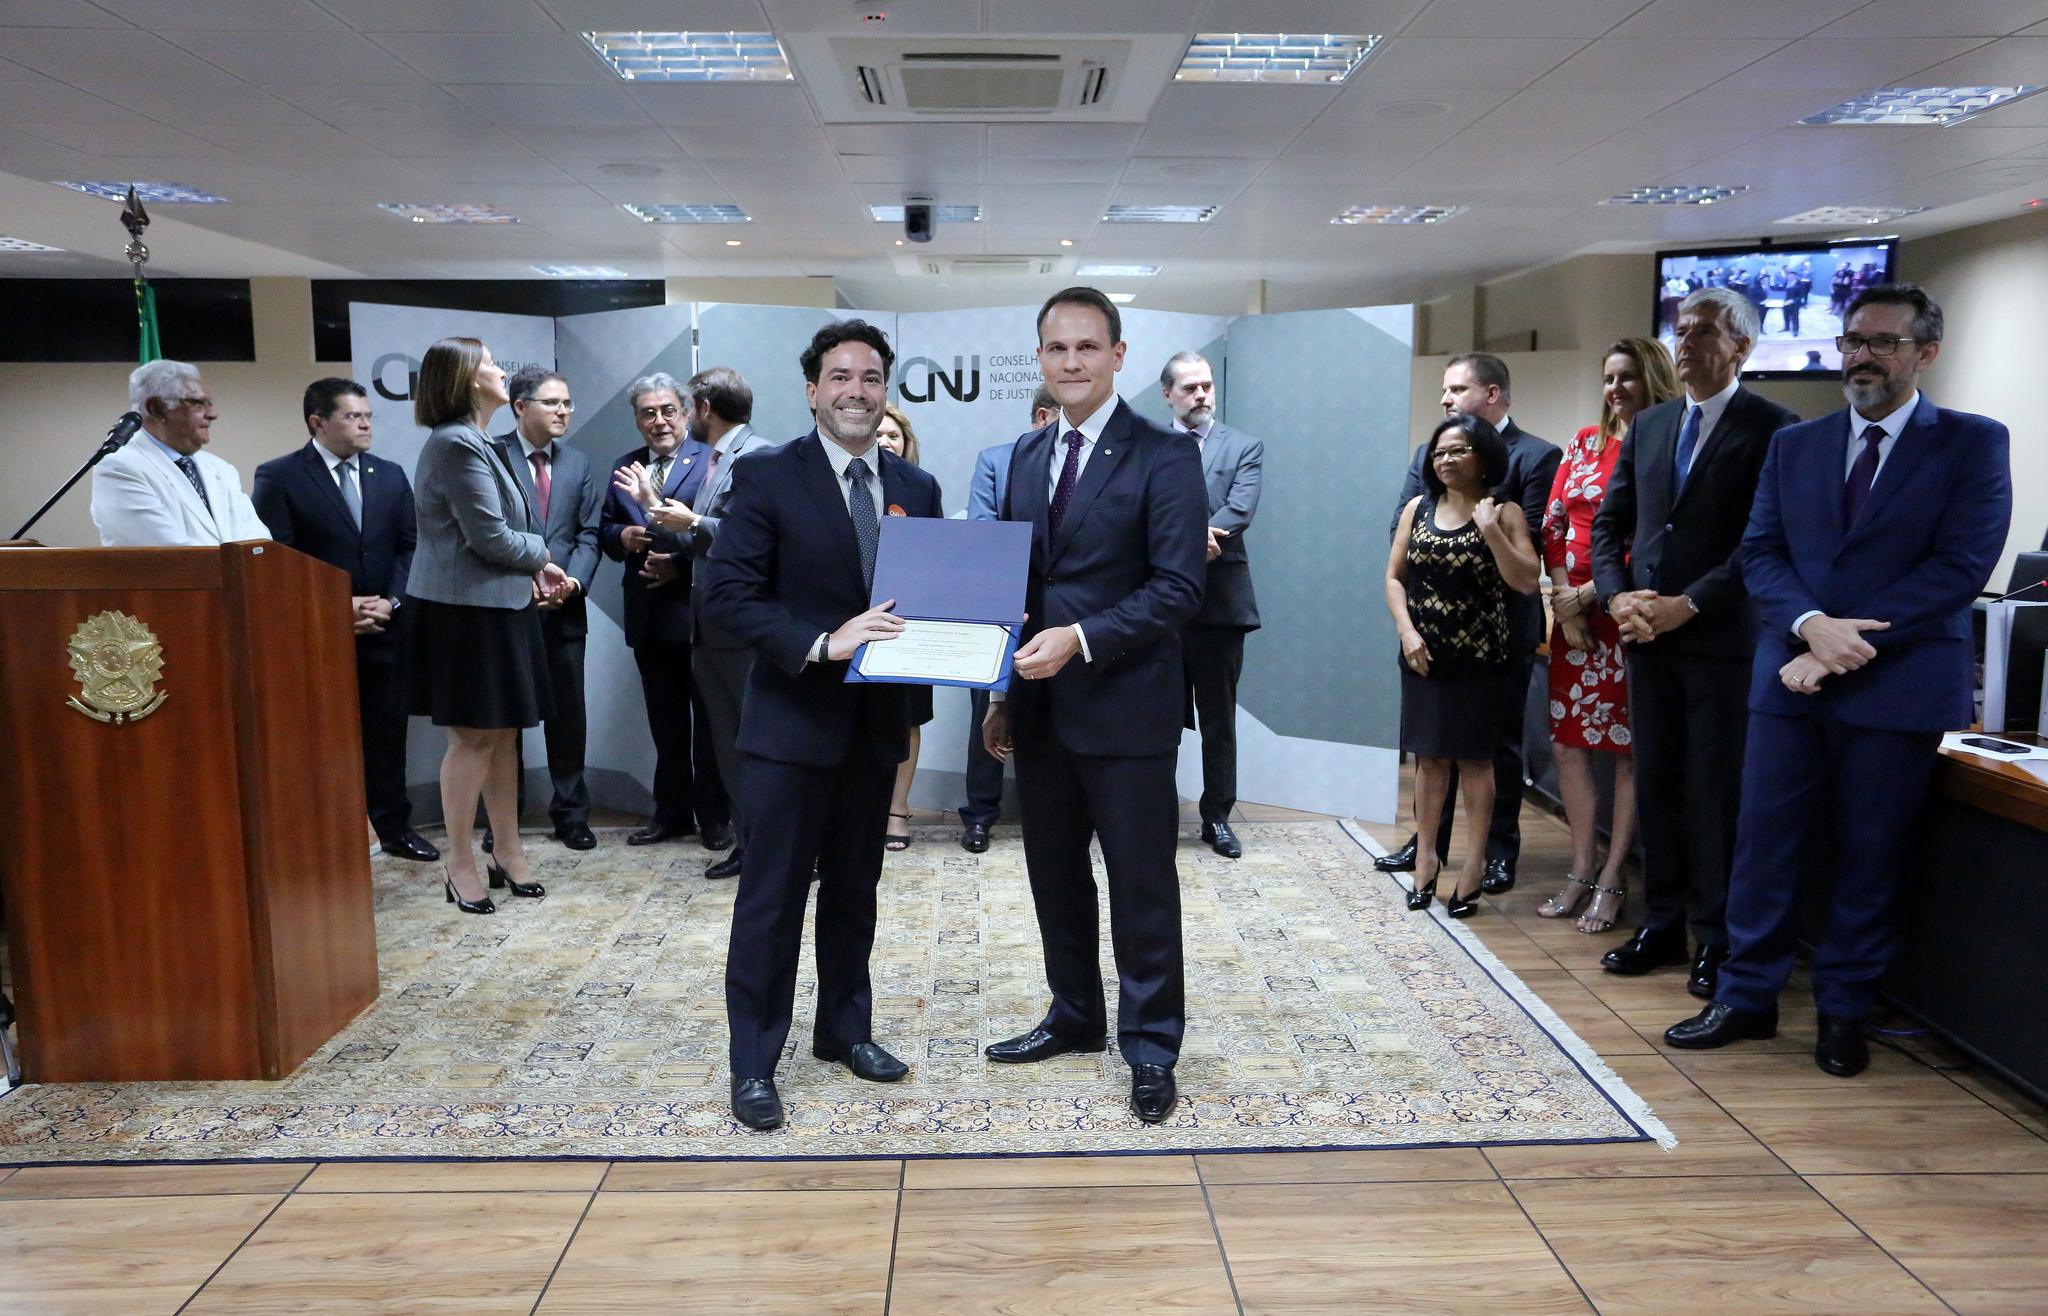 Juiz Rodrigo Rodrigues Dias recebe prêmio na nona edição do Conciliar é Legal